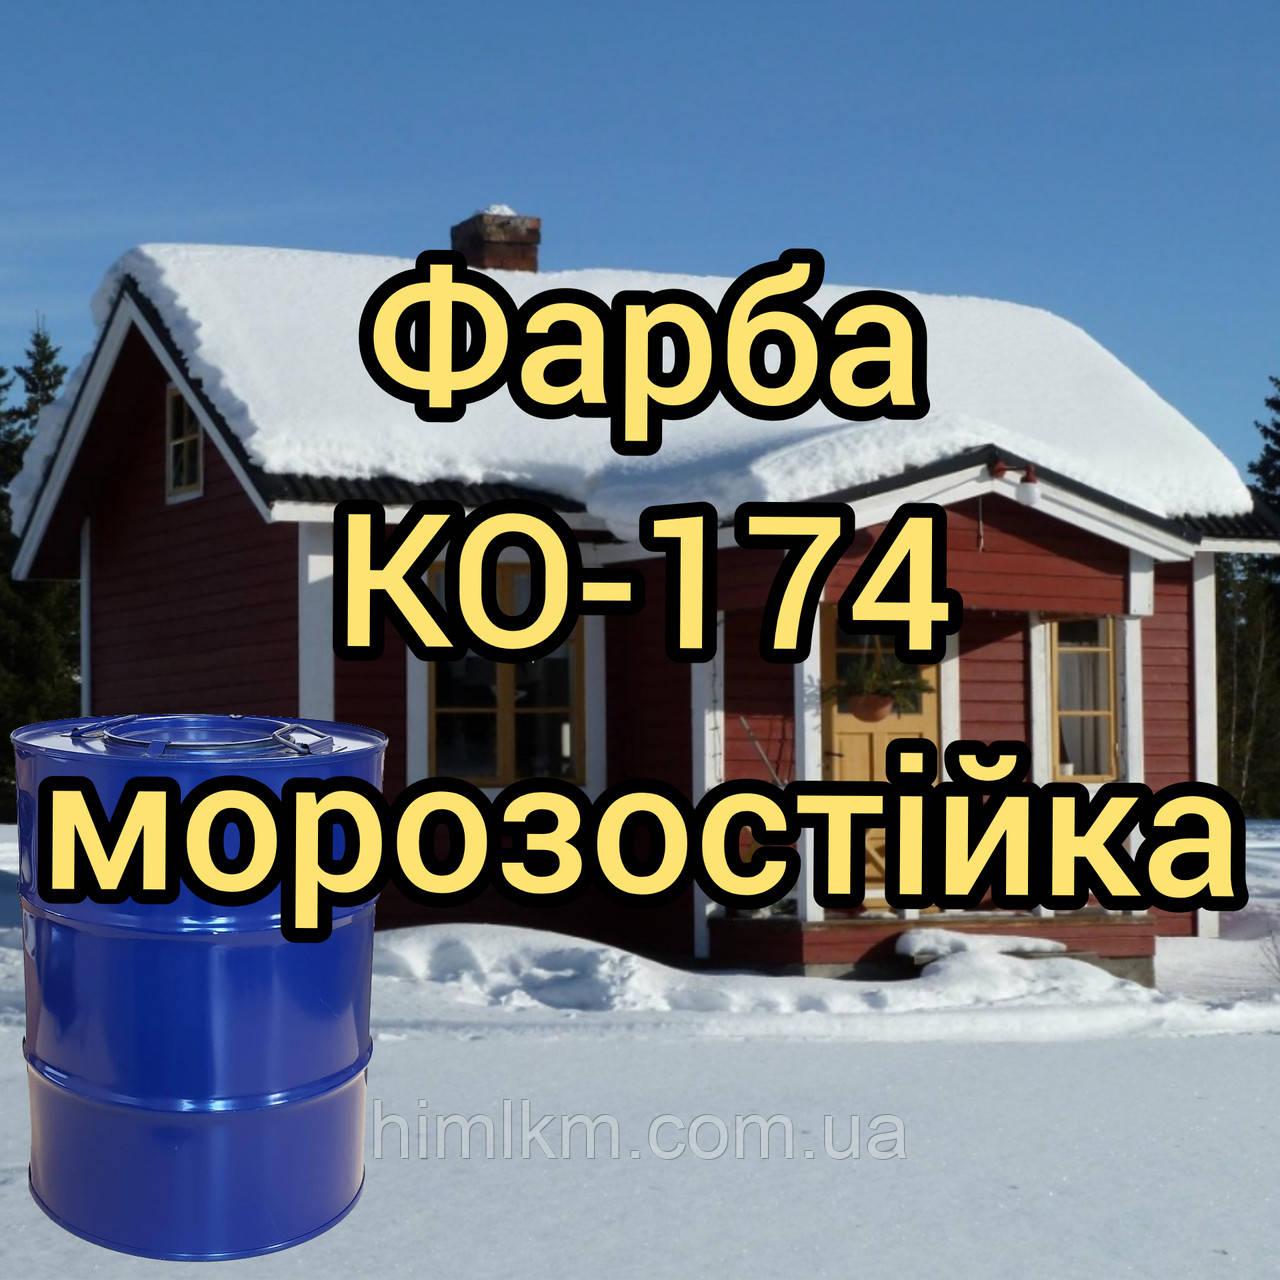 Краска КО-174 по бетону, кирпичу, металлу, оцинковки, для фасадов зданий, 50кг